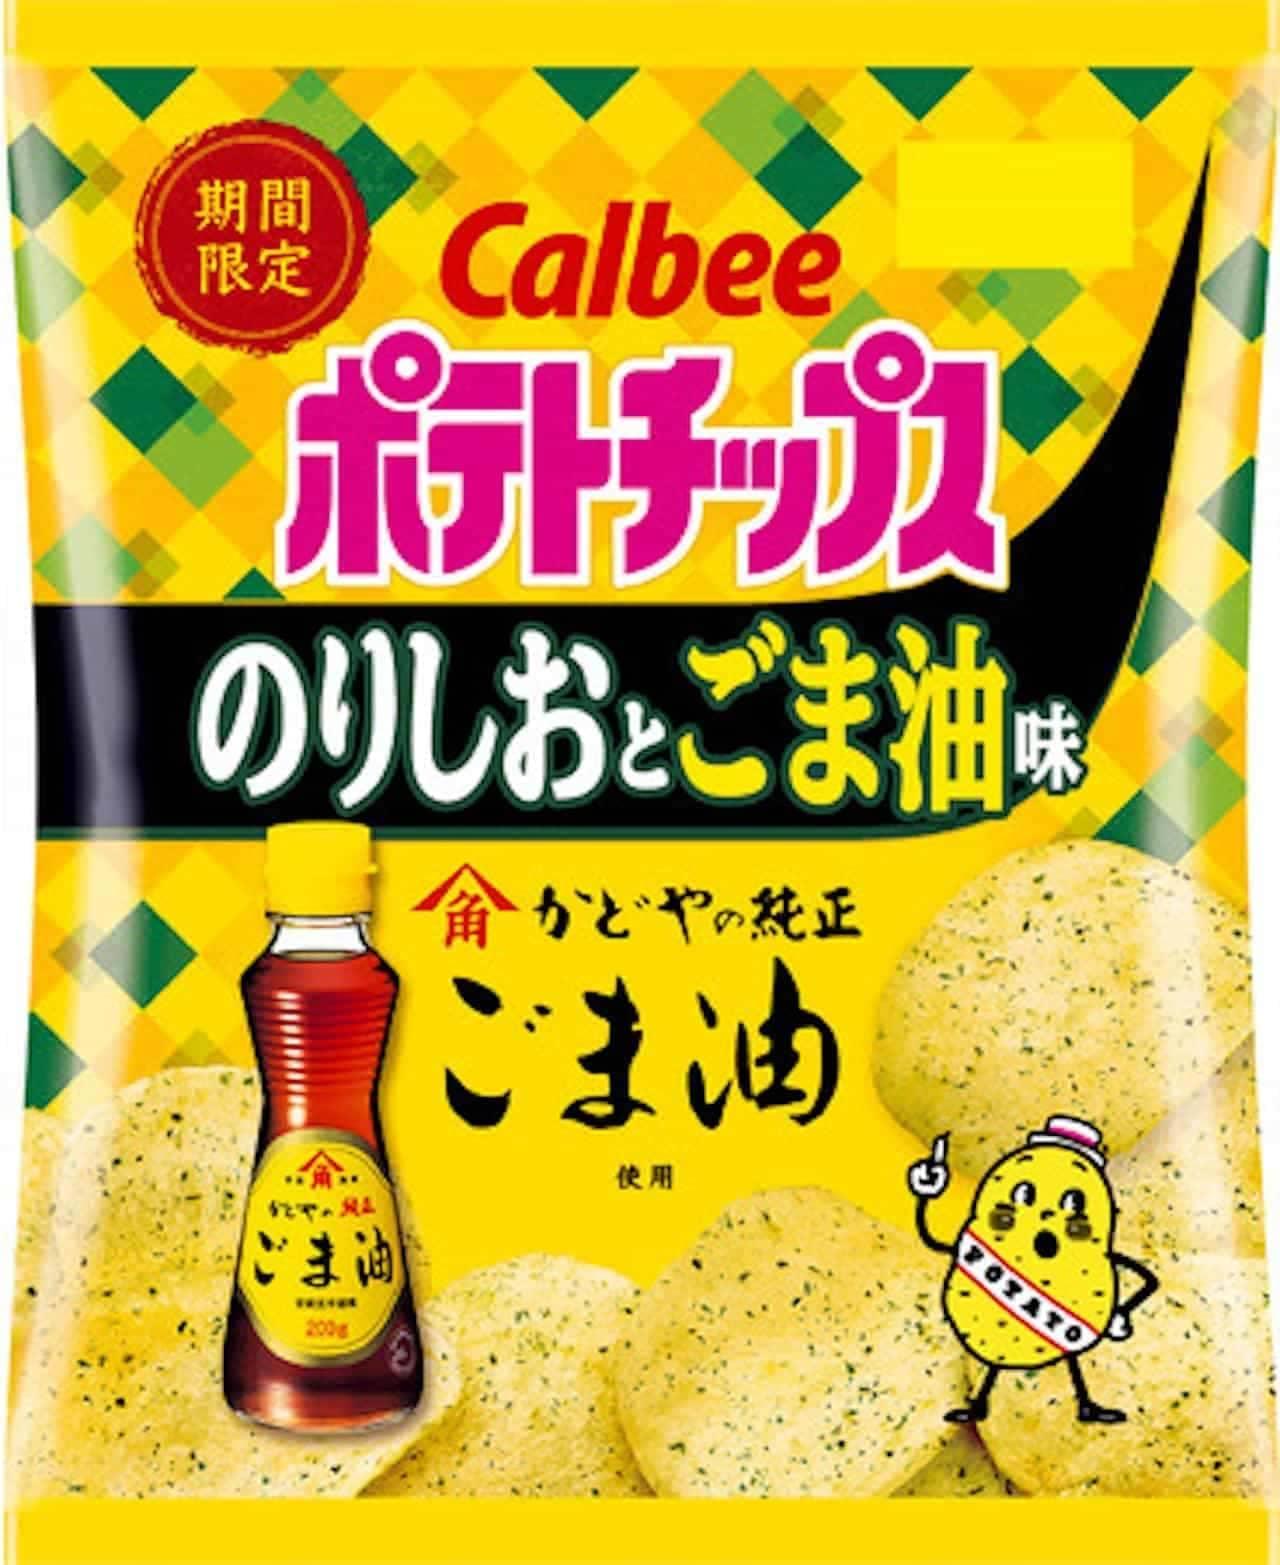 カルビー「ポテトチップス のりしおとごま油味」